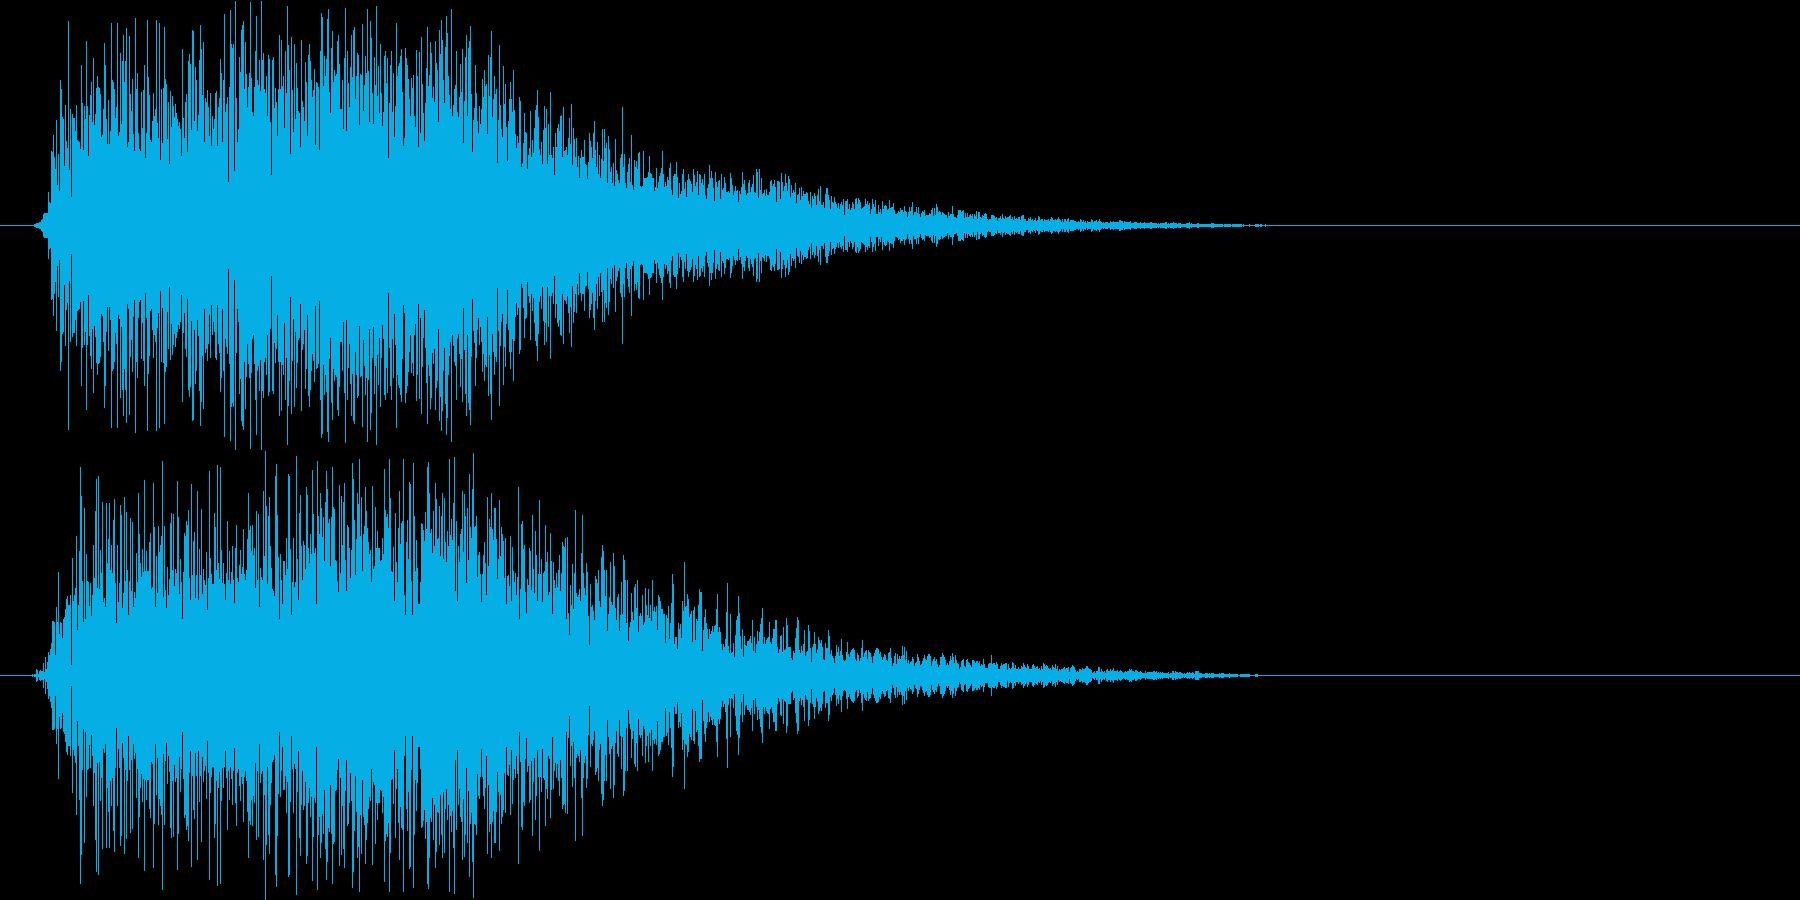 ズンチャン!!!(ホーン系)の再生済みの波形